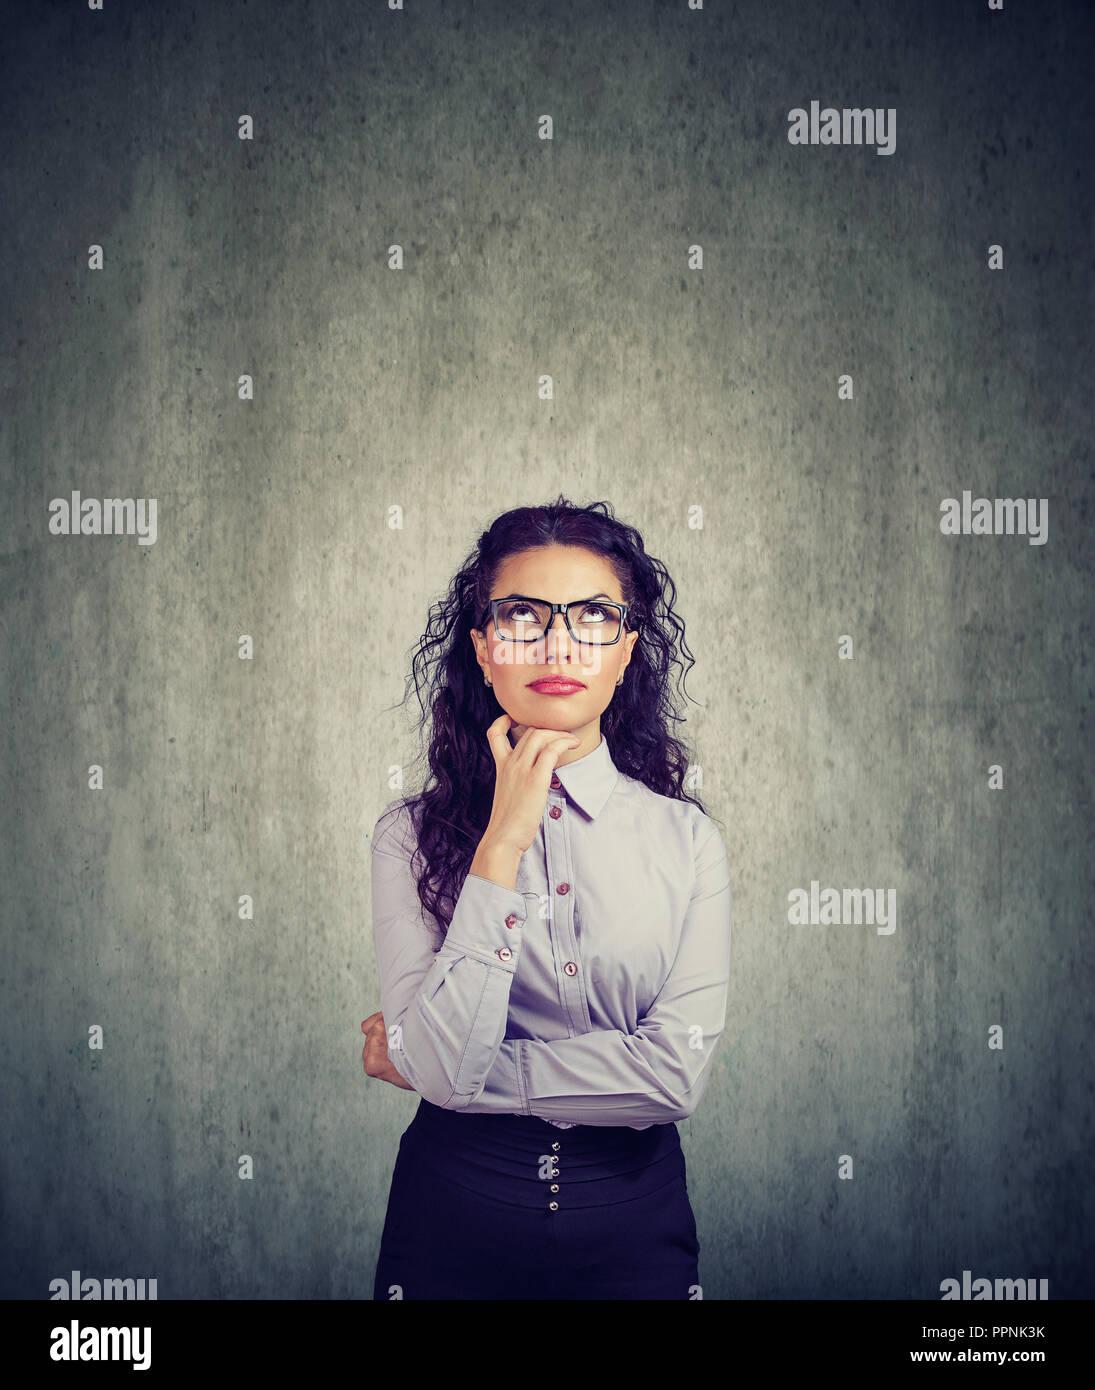 Junge brünette Frau in Brillen in Kontemplation suchen auf grauem Hintergrund Stockbild